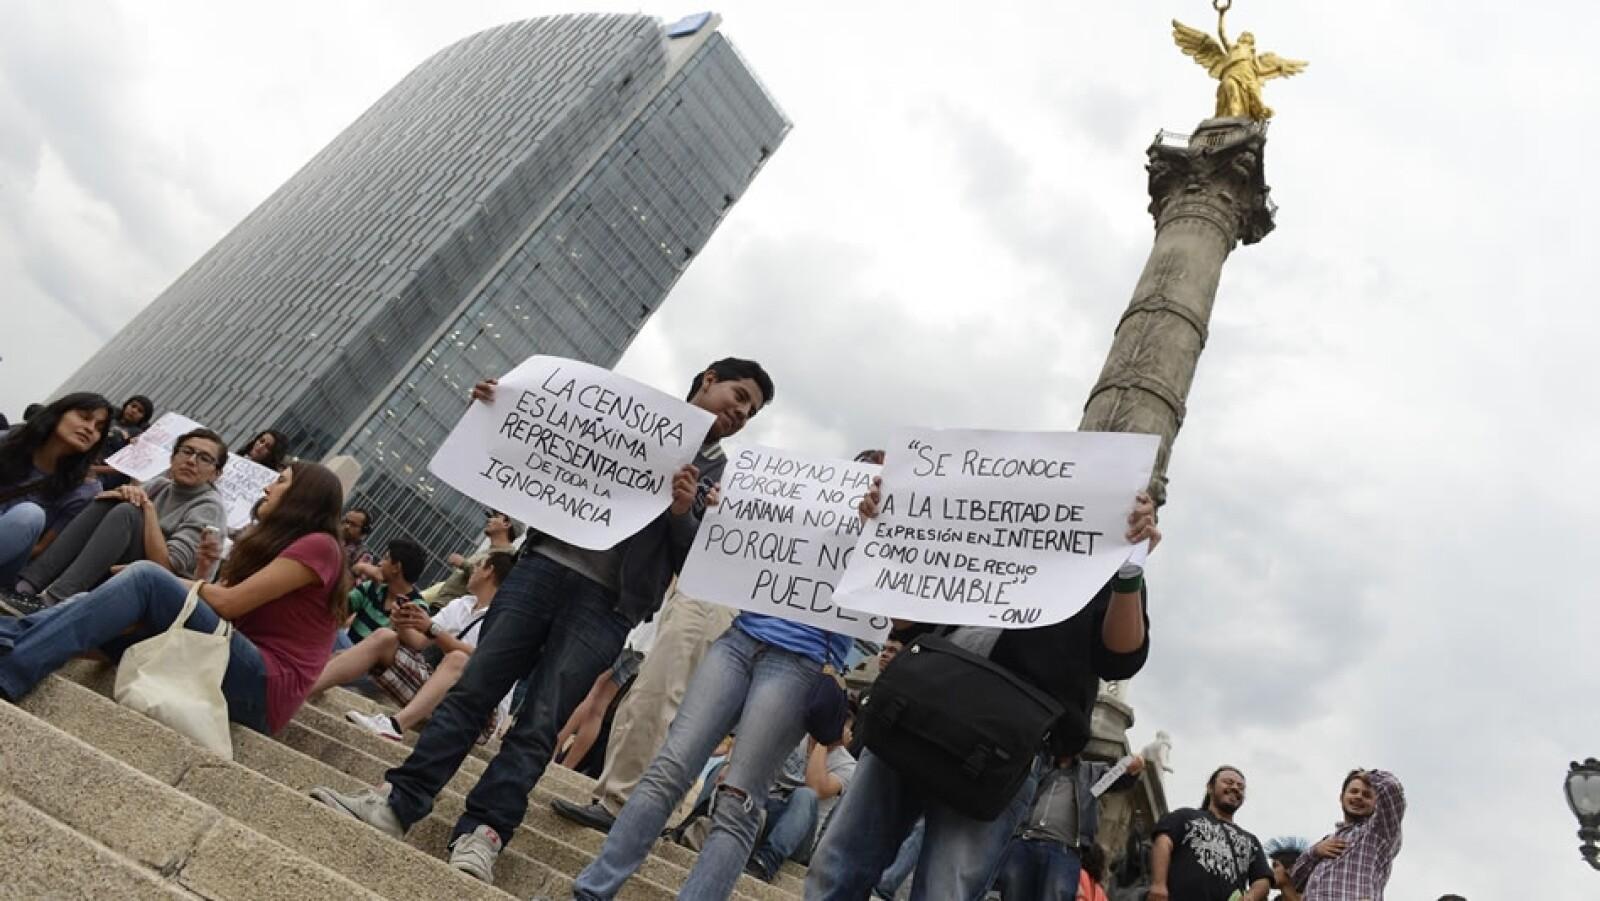 Con pancartas, los manifestantes mostraron su rechazo a las leyes secundarias de la ley de telecomunicaciones